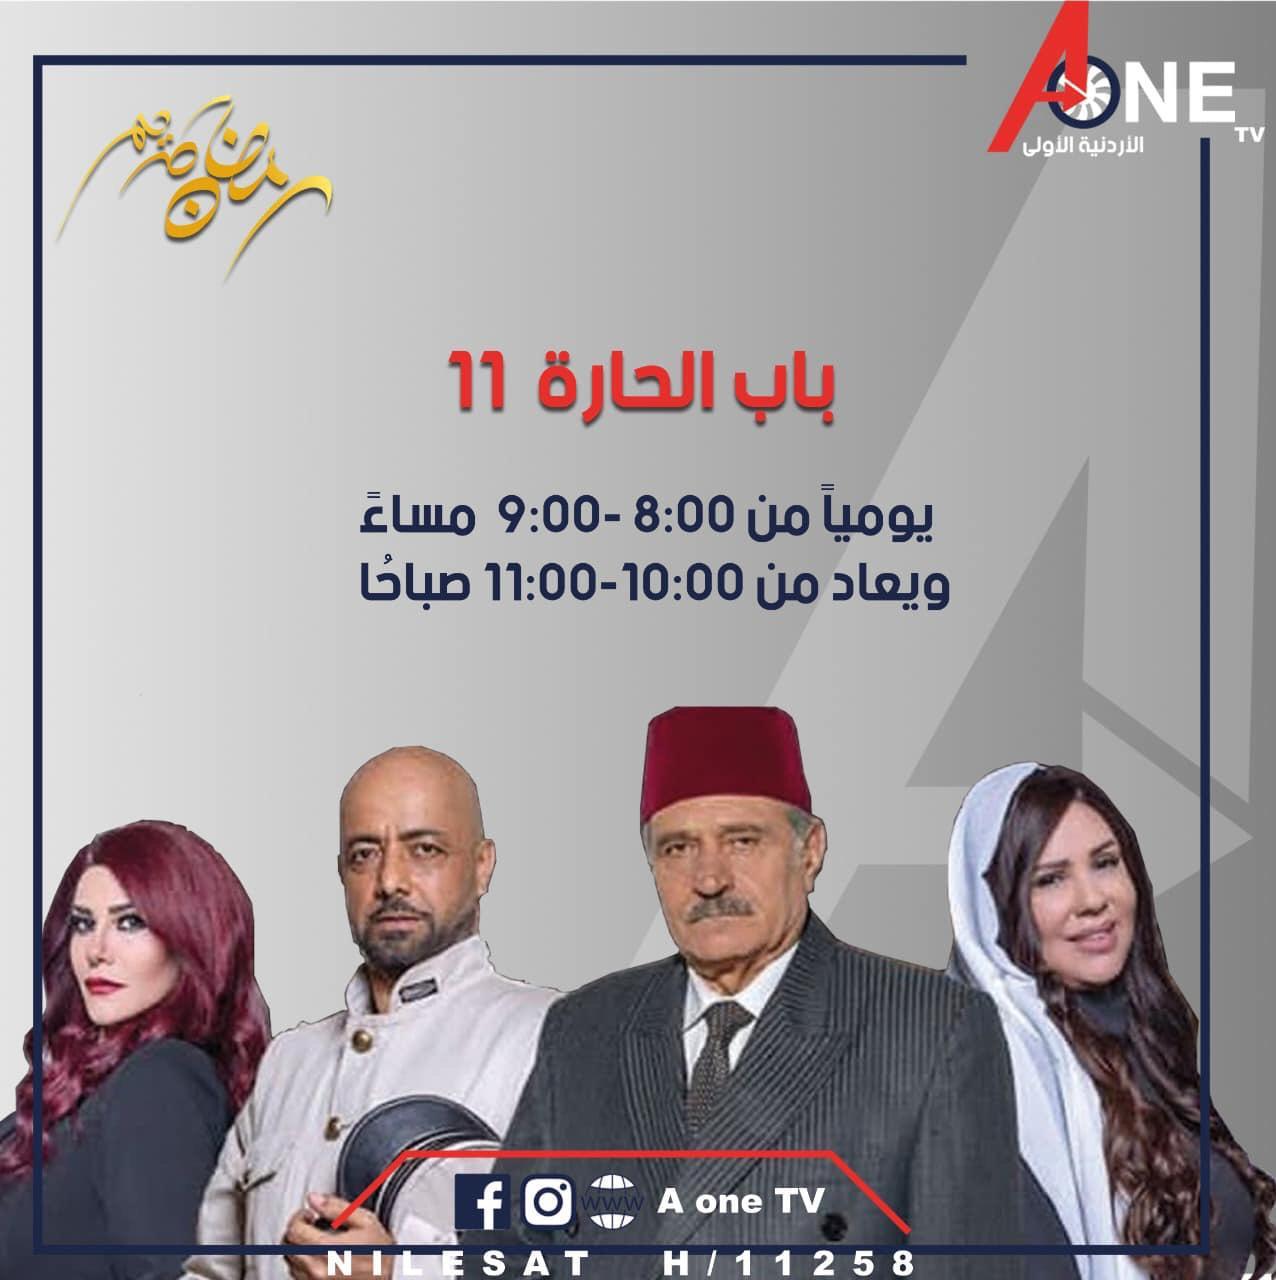 قناة A ONE TV الأردنيه الأولى تستعد للمنافسة في الموسم الرمضاني لعام 2021 بمسلسلات حصرية